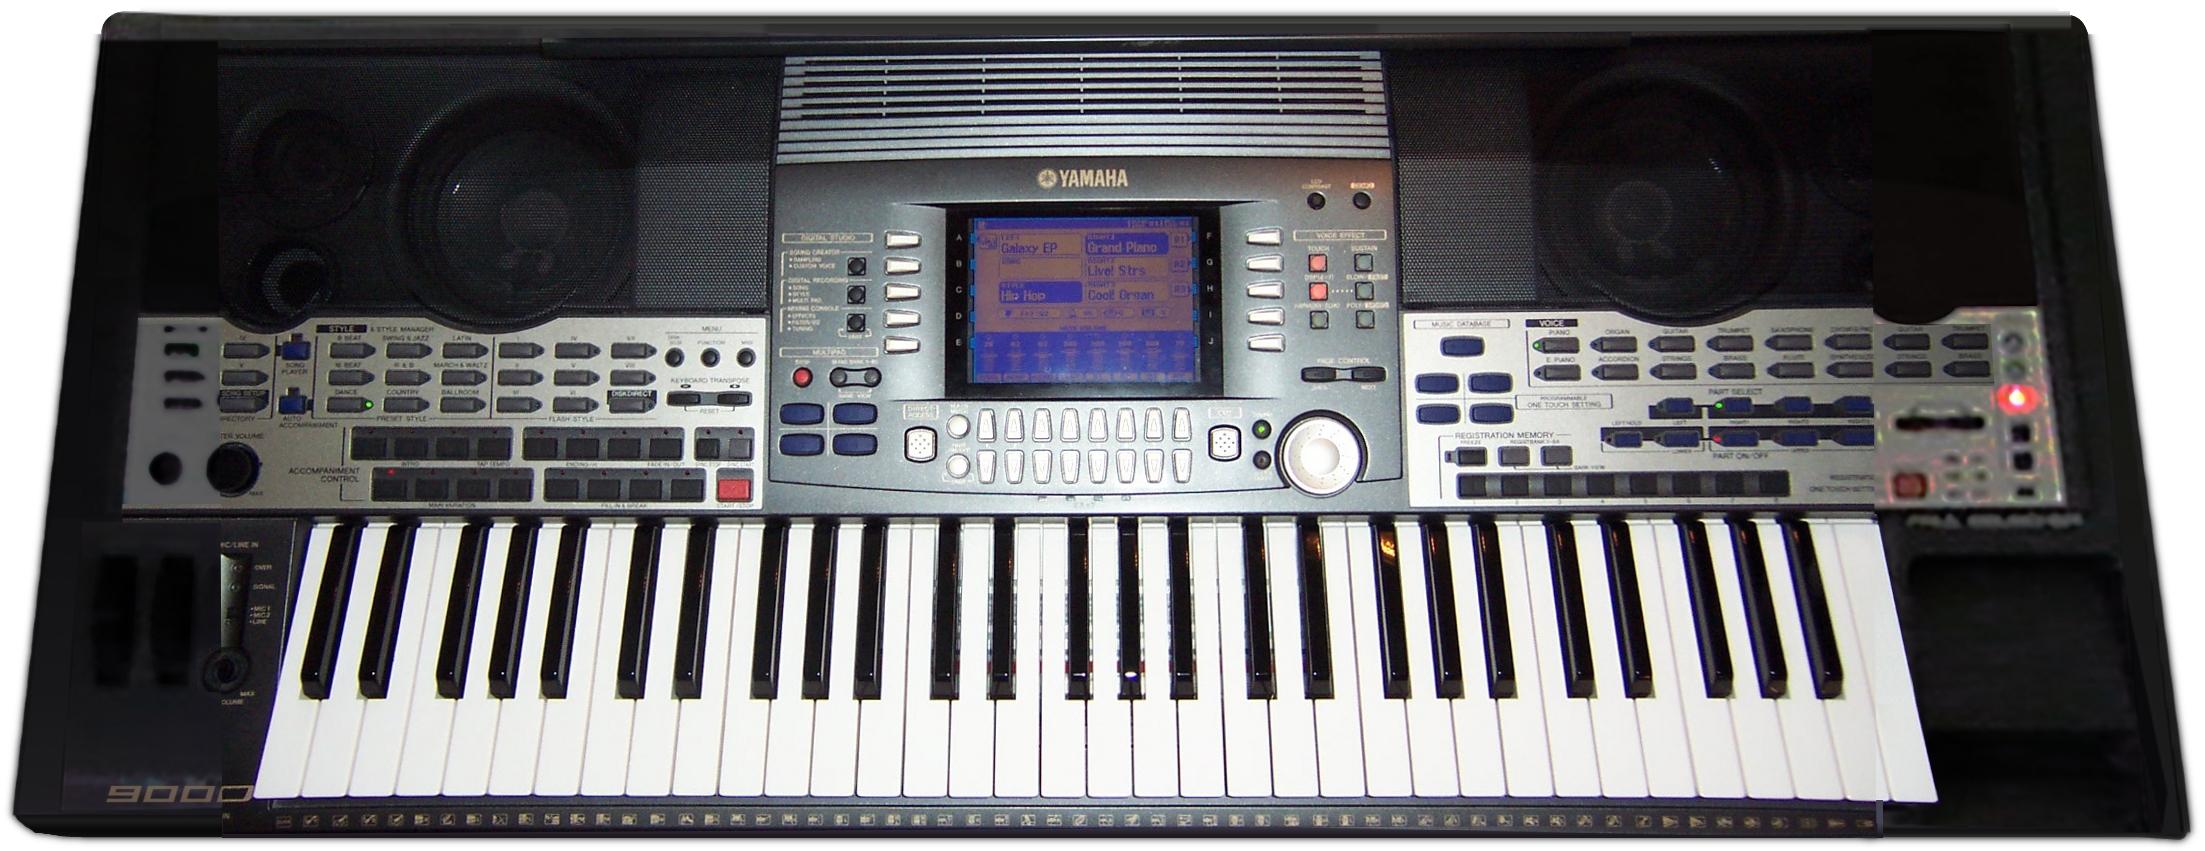 Image Result For Yamaha Keyboard Psr